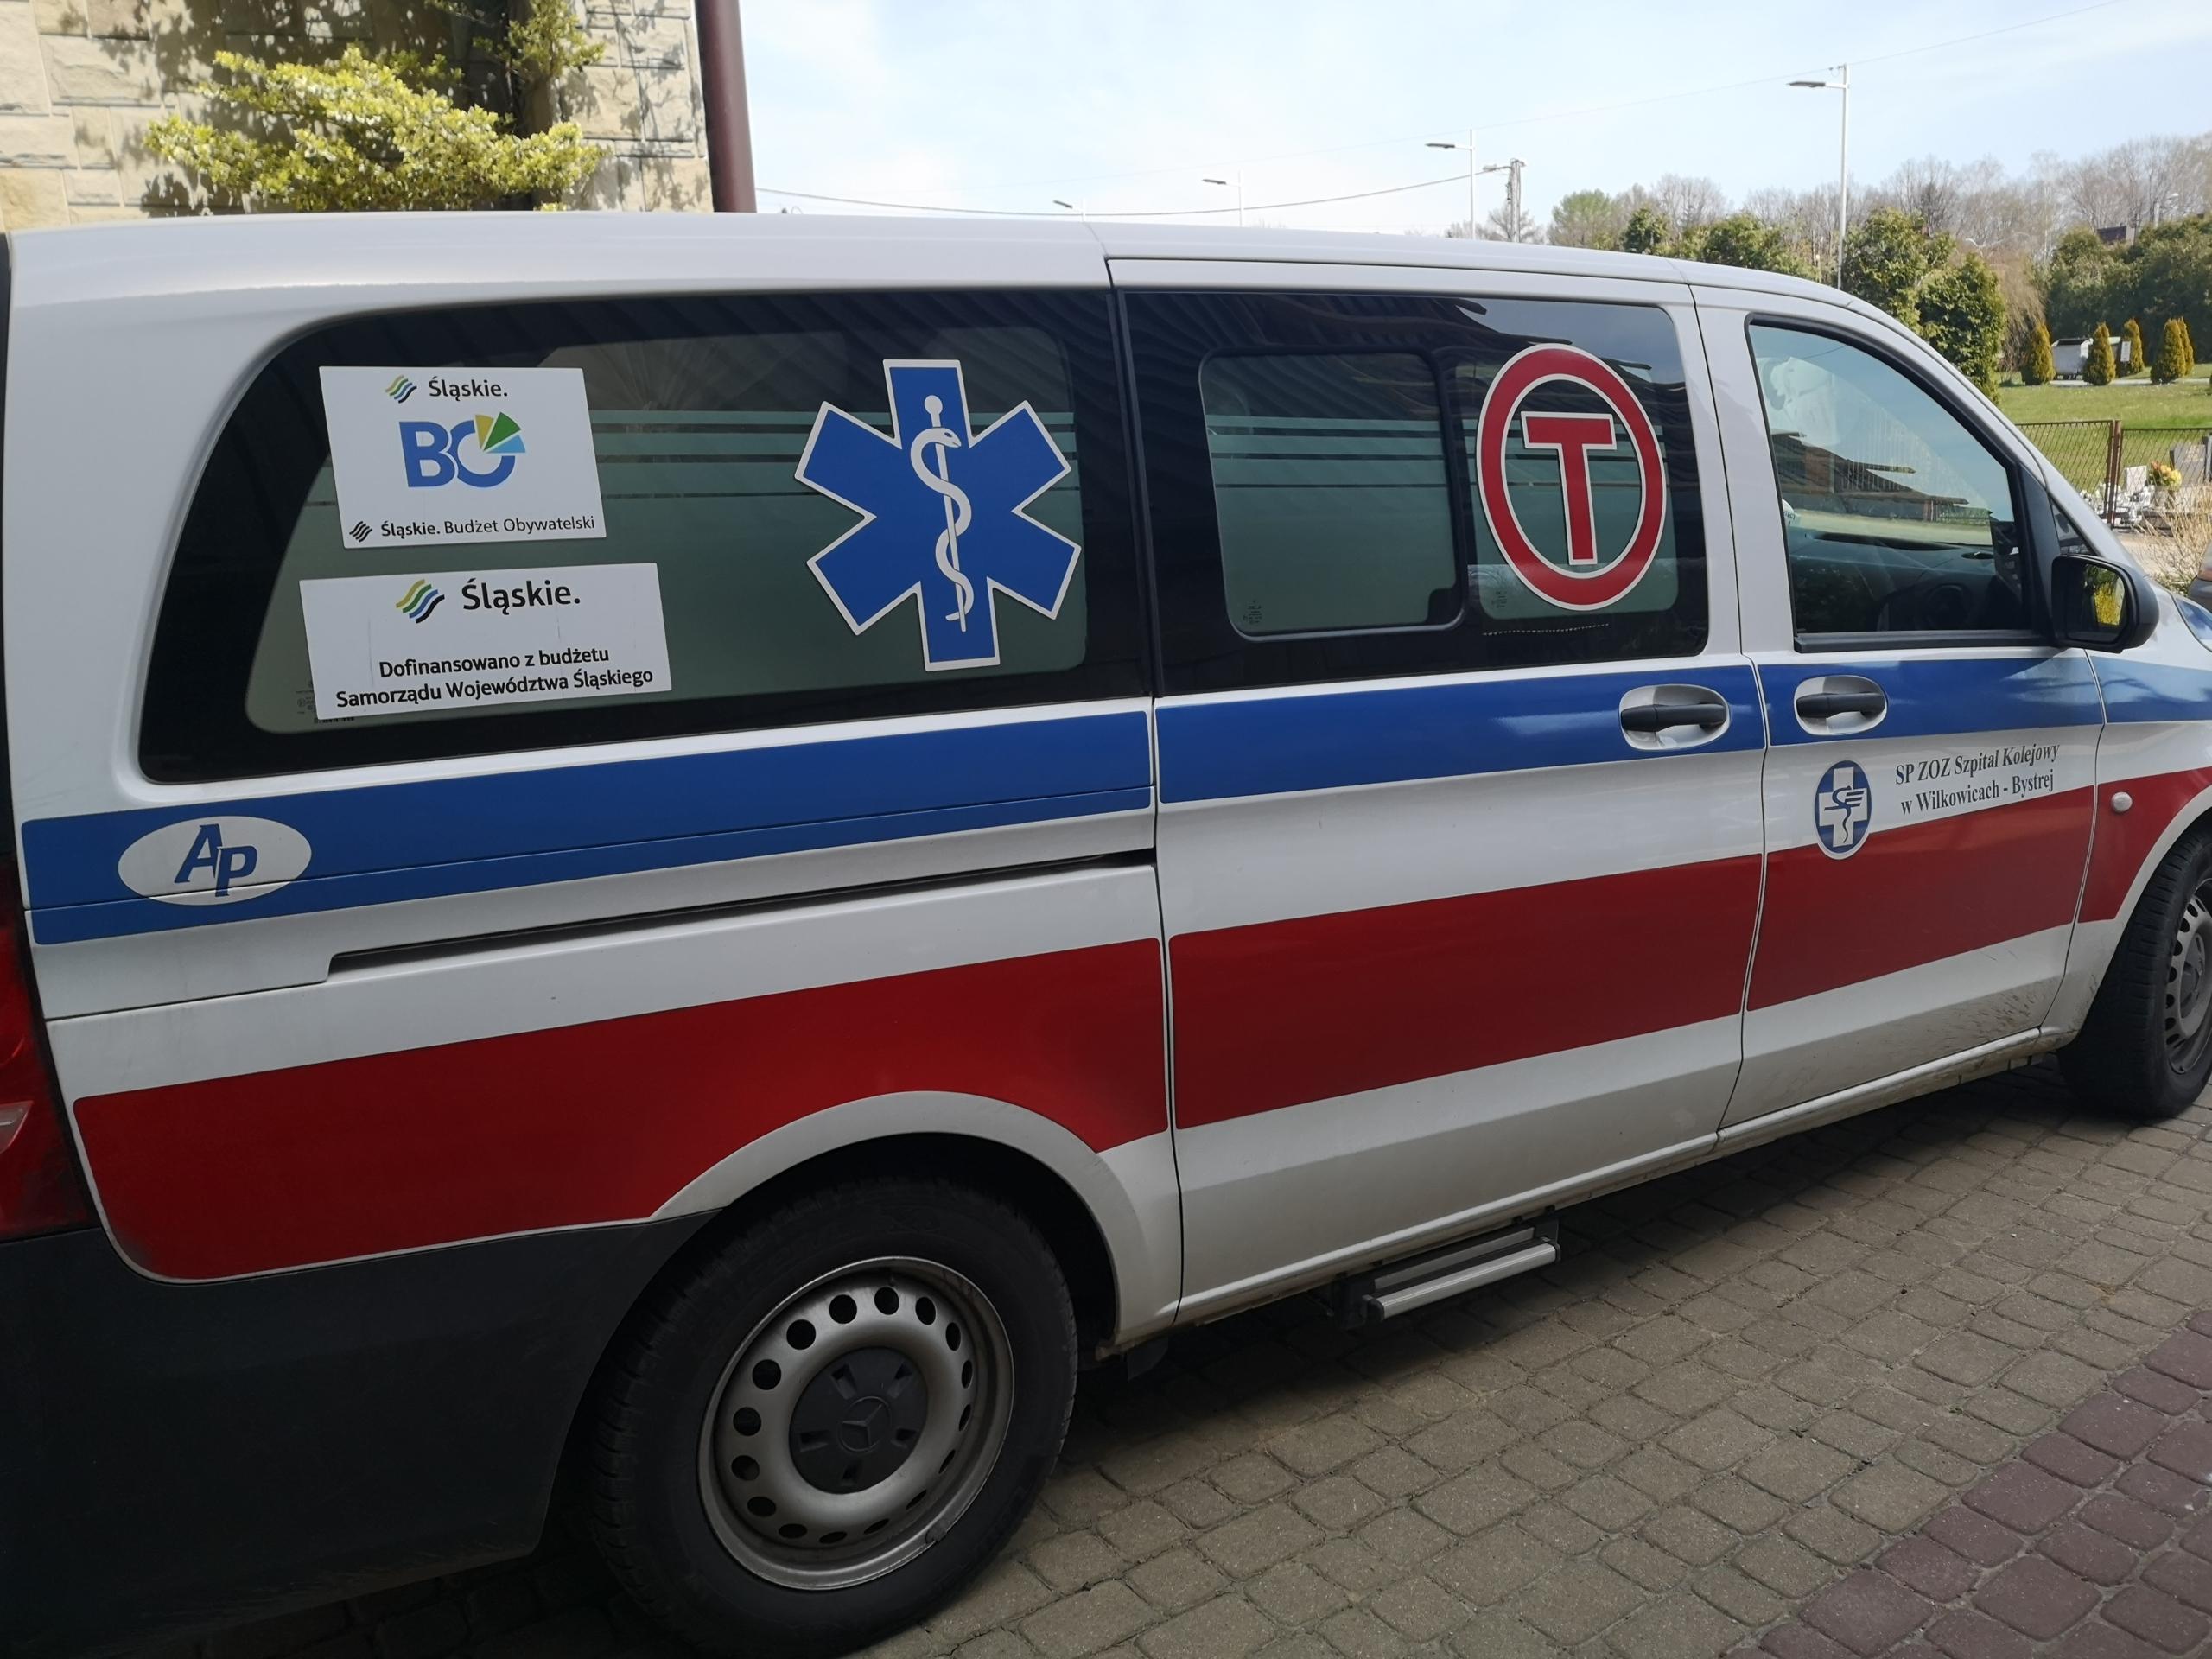 Wsparcie dla Szpitala Kolejowego w Wilkowicach-Bystrej